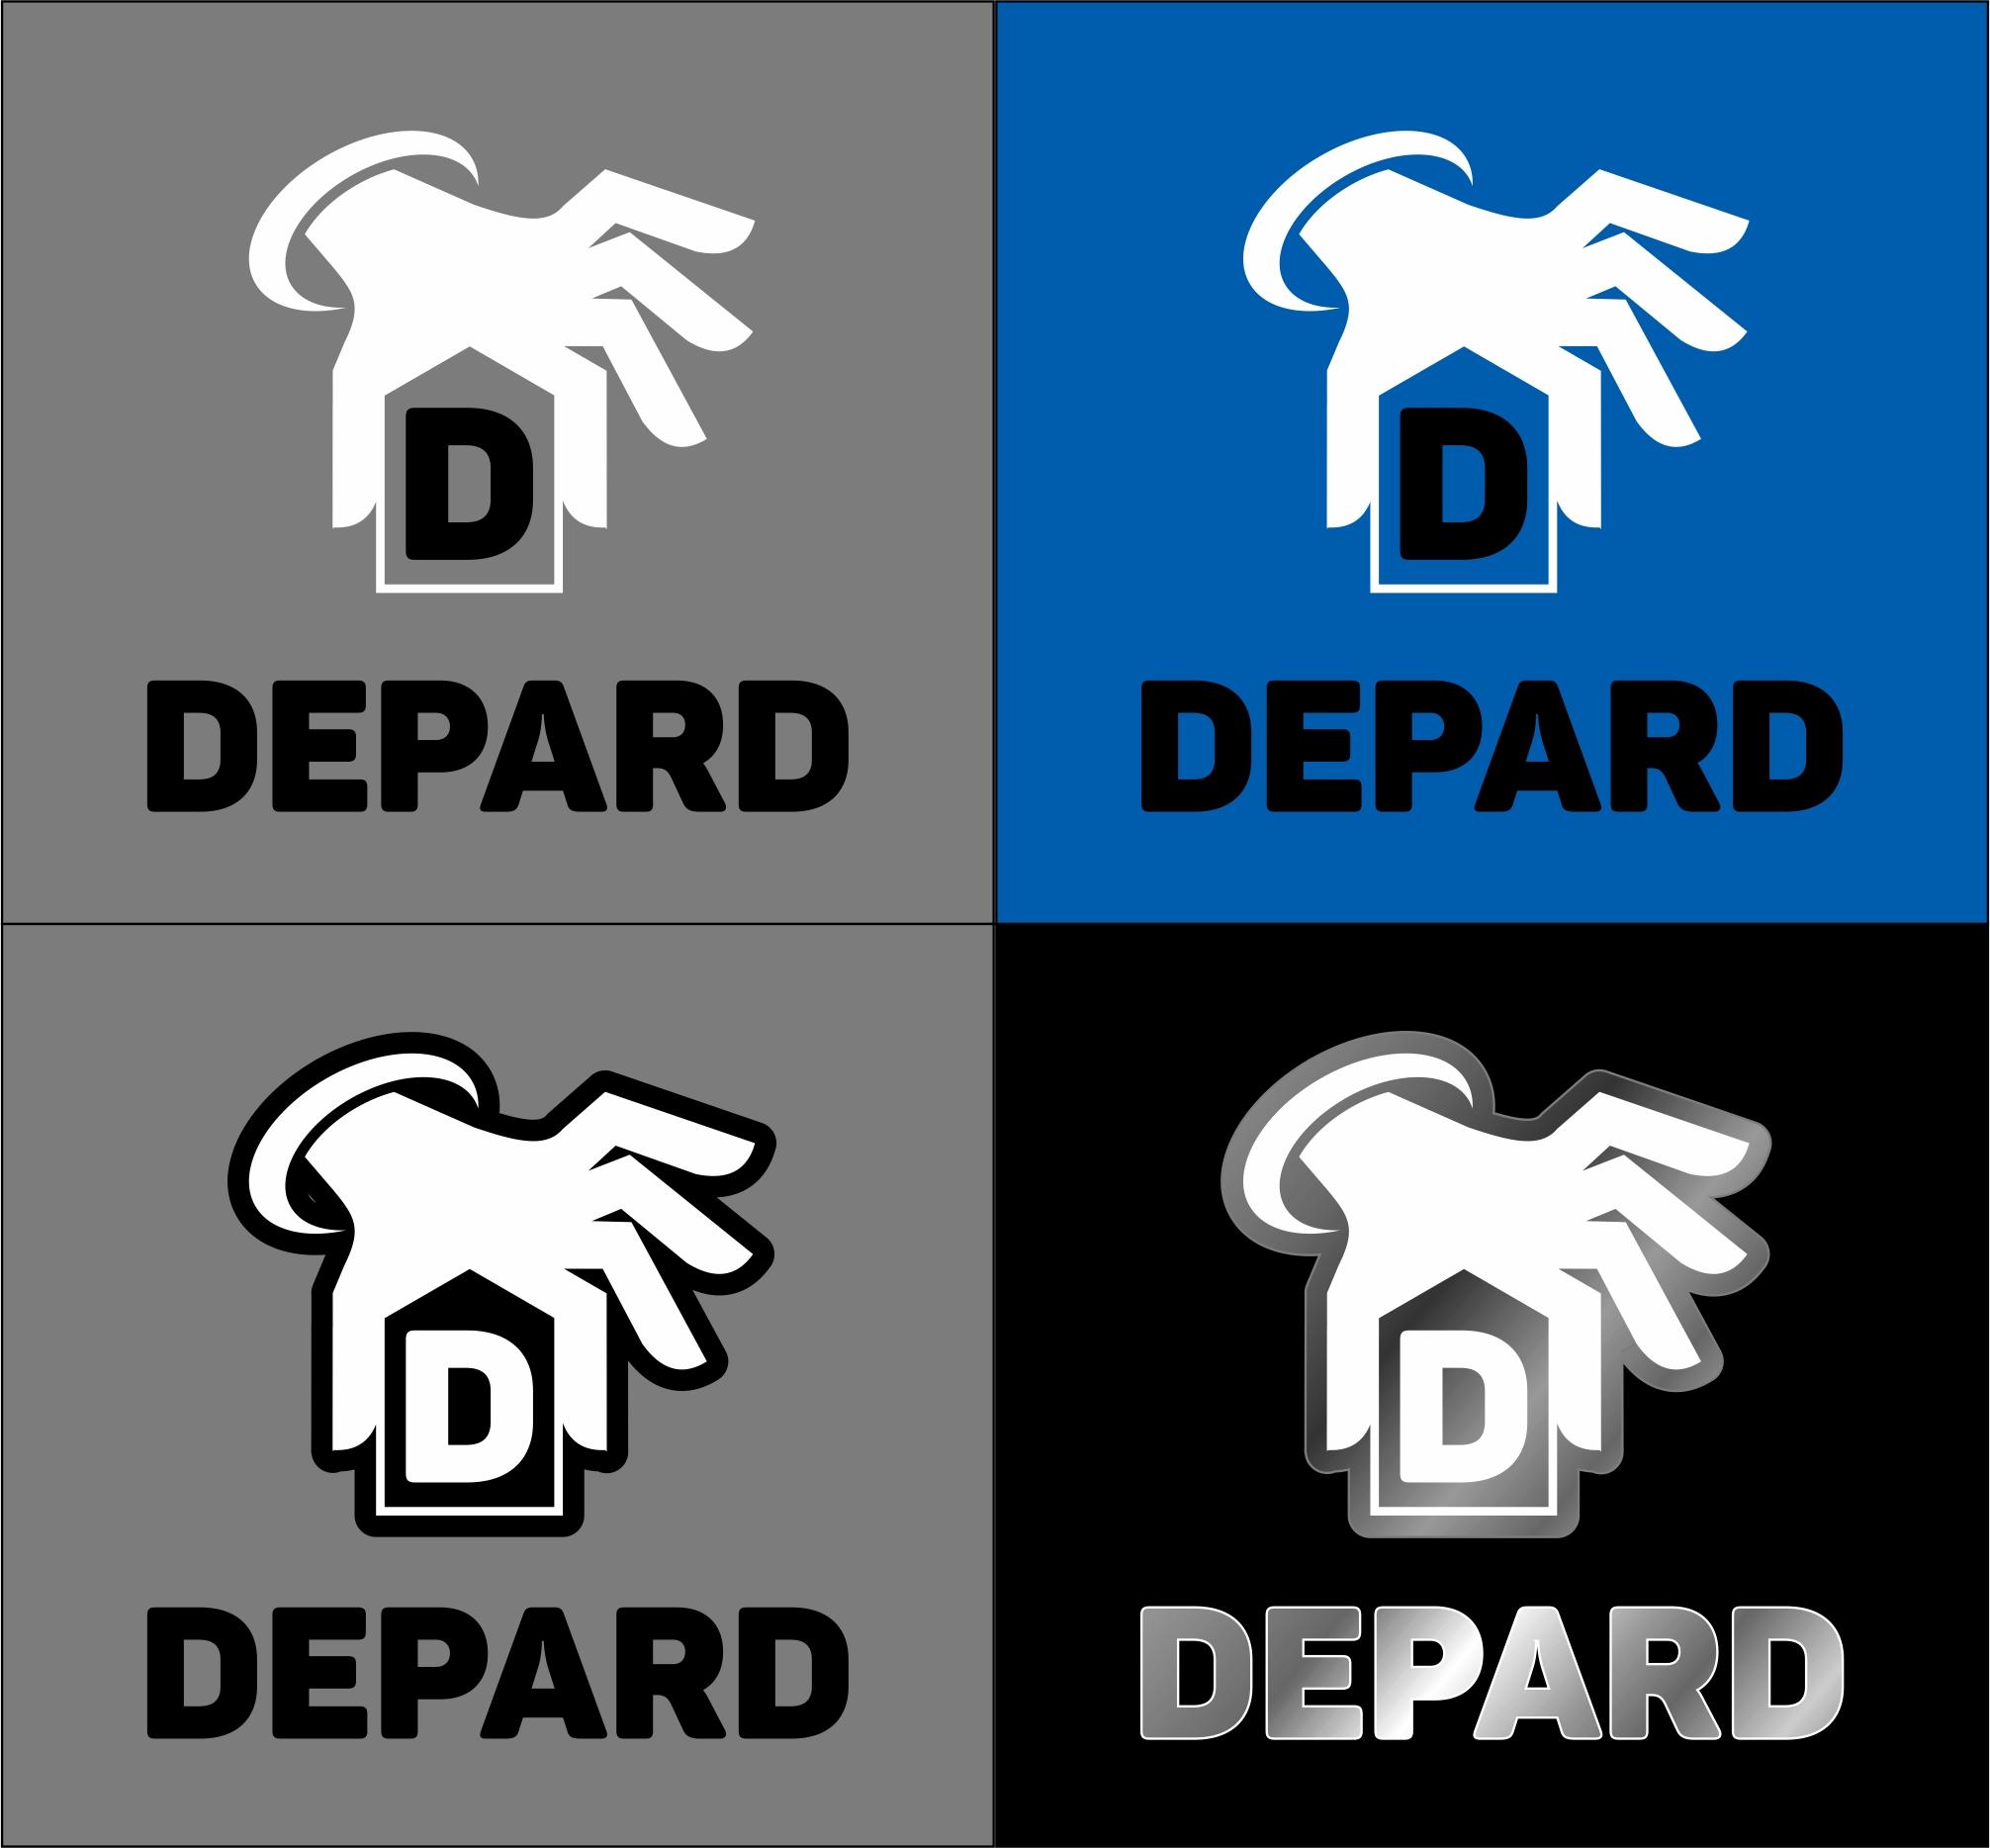 Логотип для компании (услуги недвижимость) фото f_864593527fb1b568.jpg